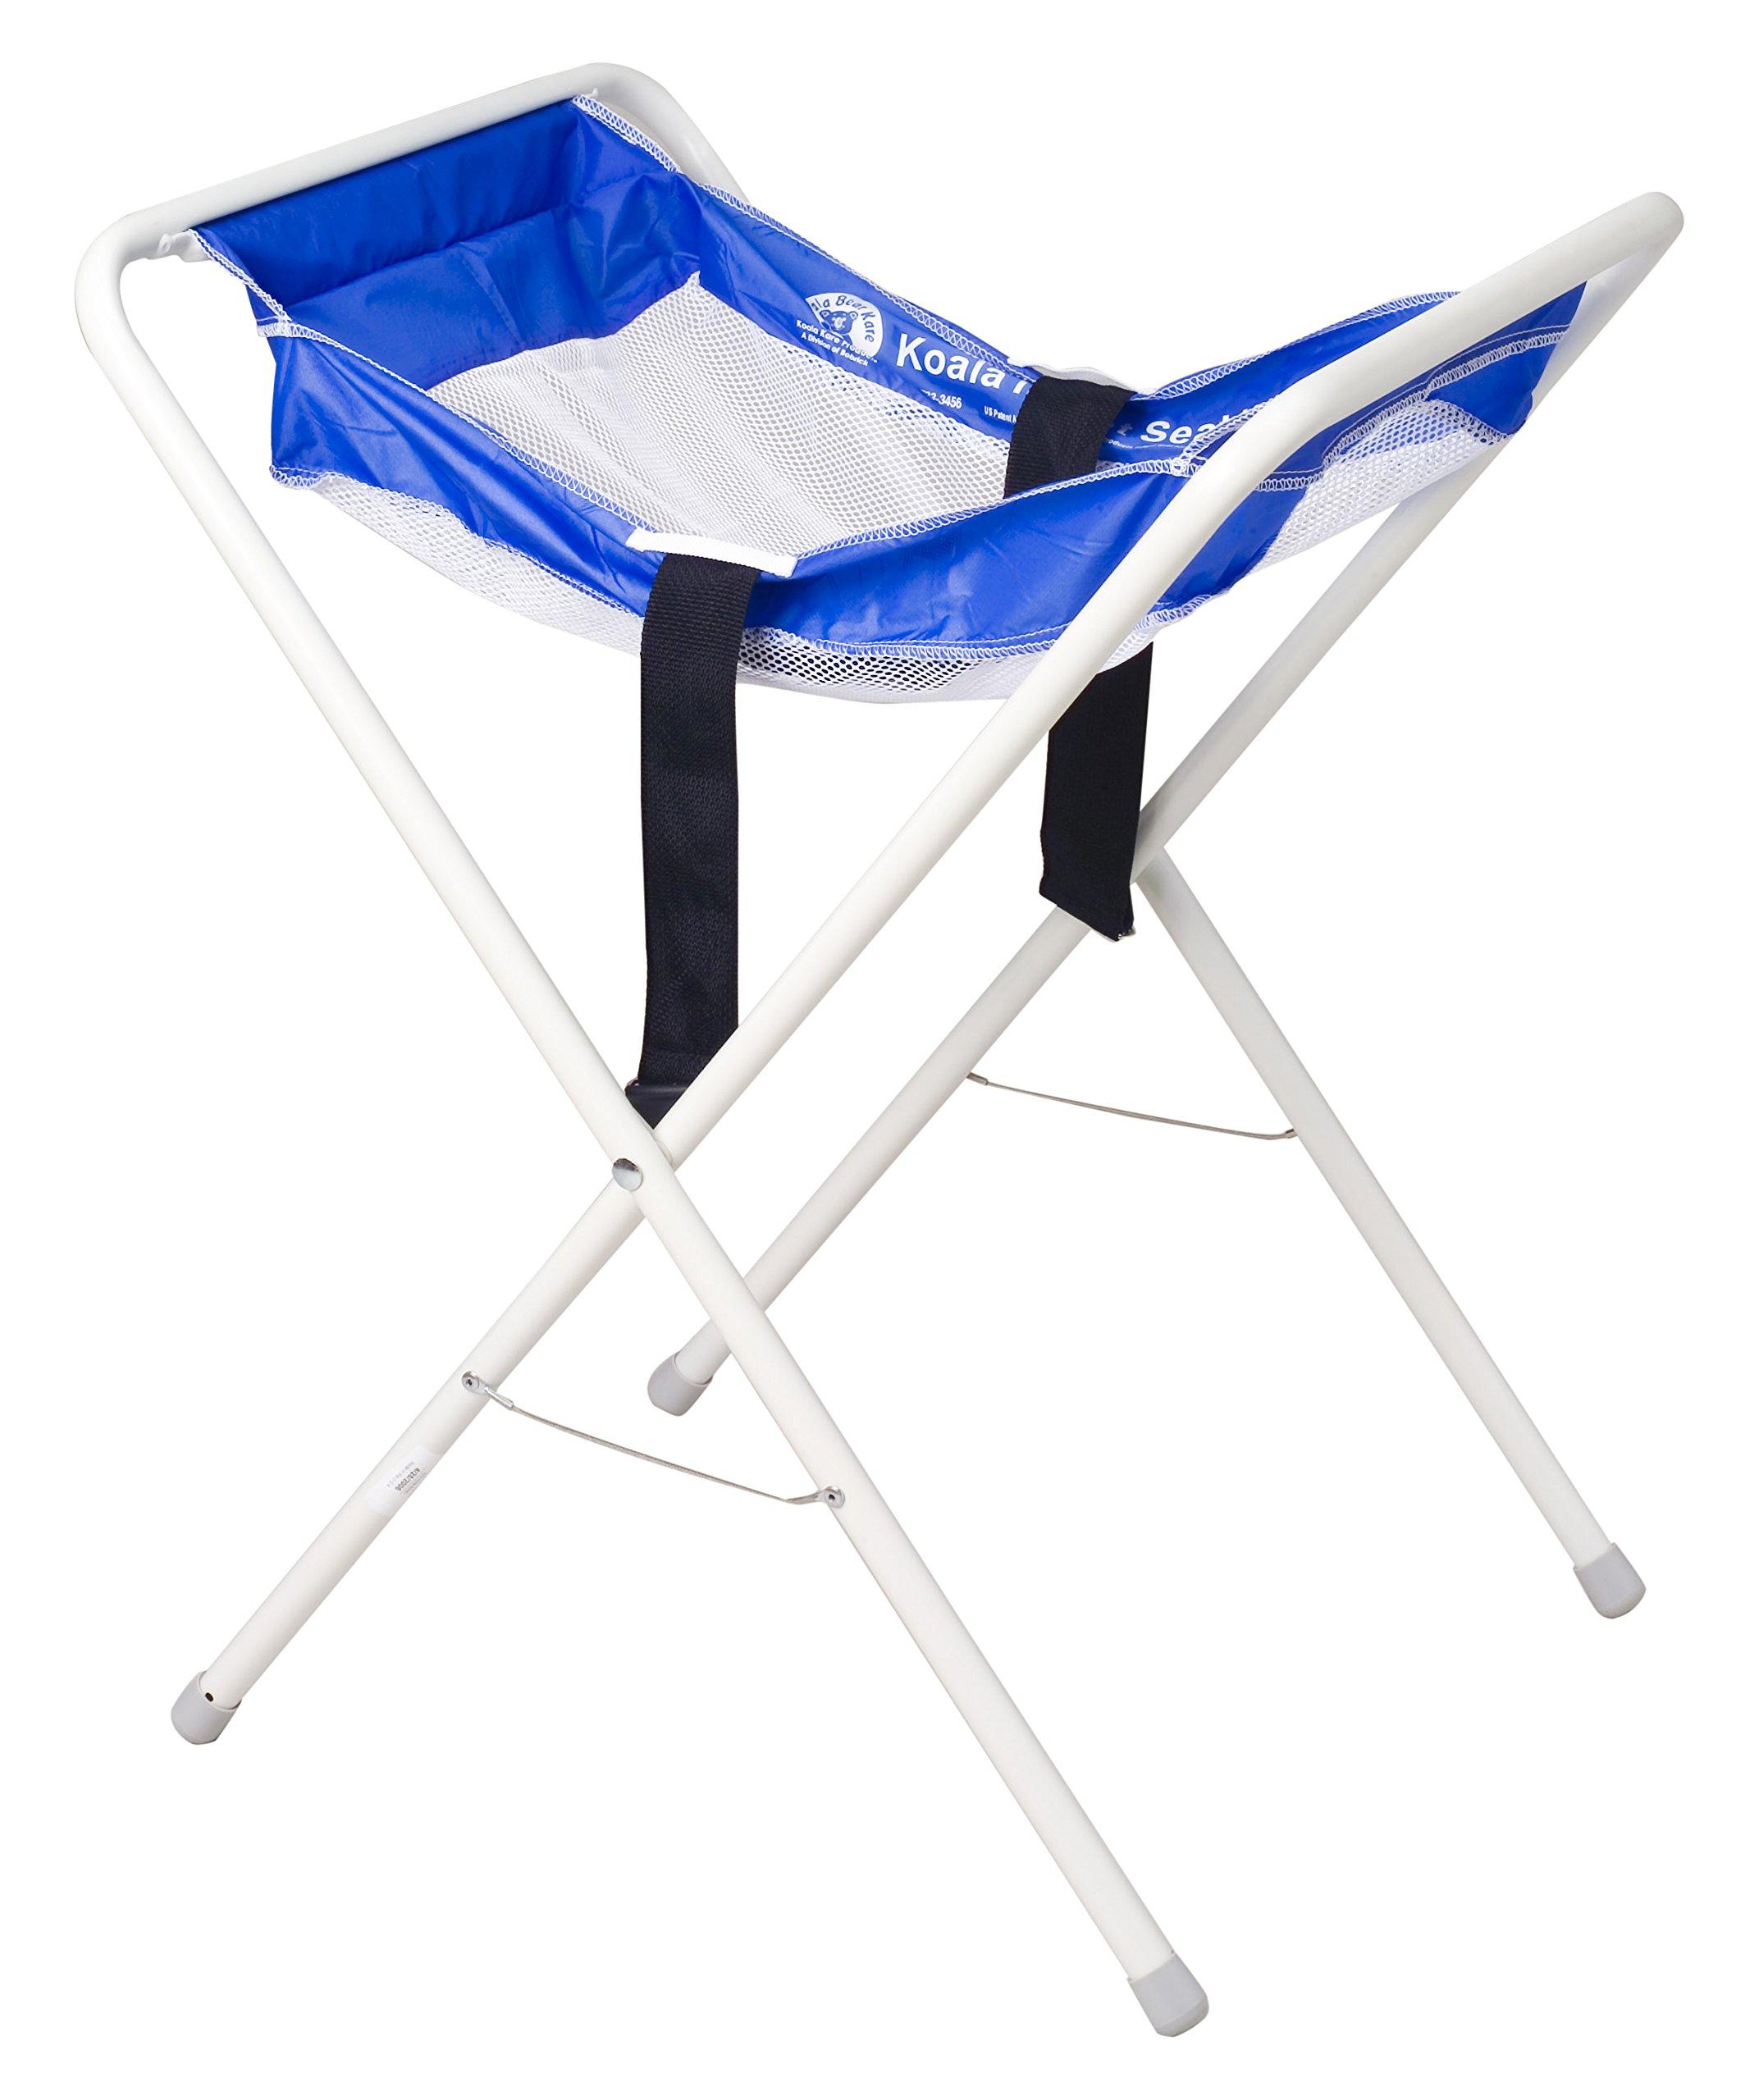 Koala Kare KB115-99 Infant Kradle Seat, 3'' Height, 40'' Width, 22'' Length, Blue/White by Koala Kare